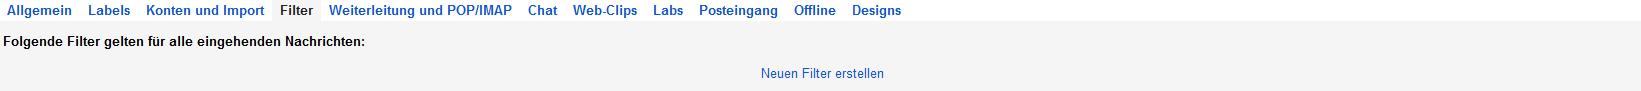 05-google-mail-alle-einstellungsmoeglichkeiten-filter-470.png?nocache=1326361611934